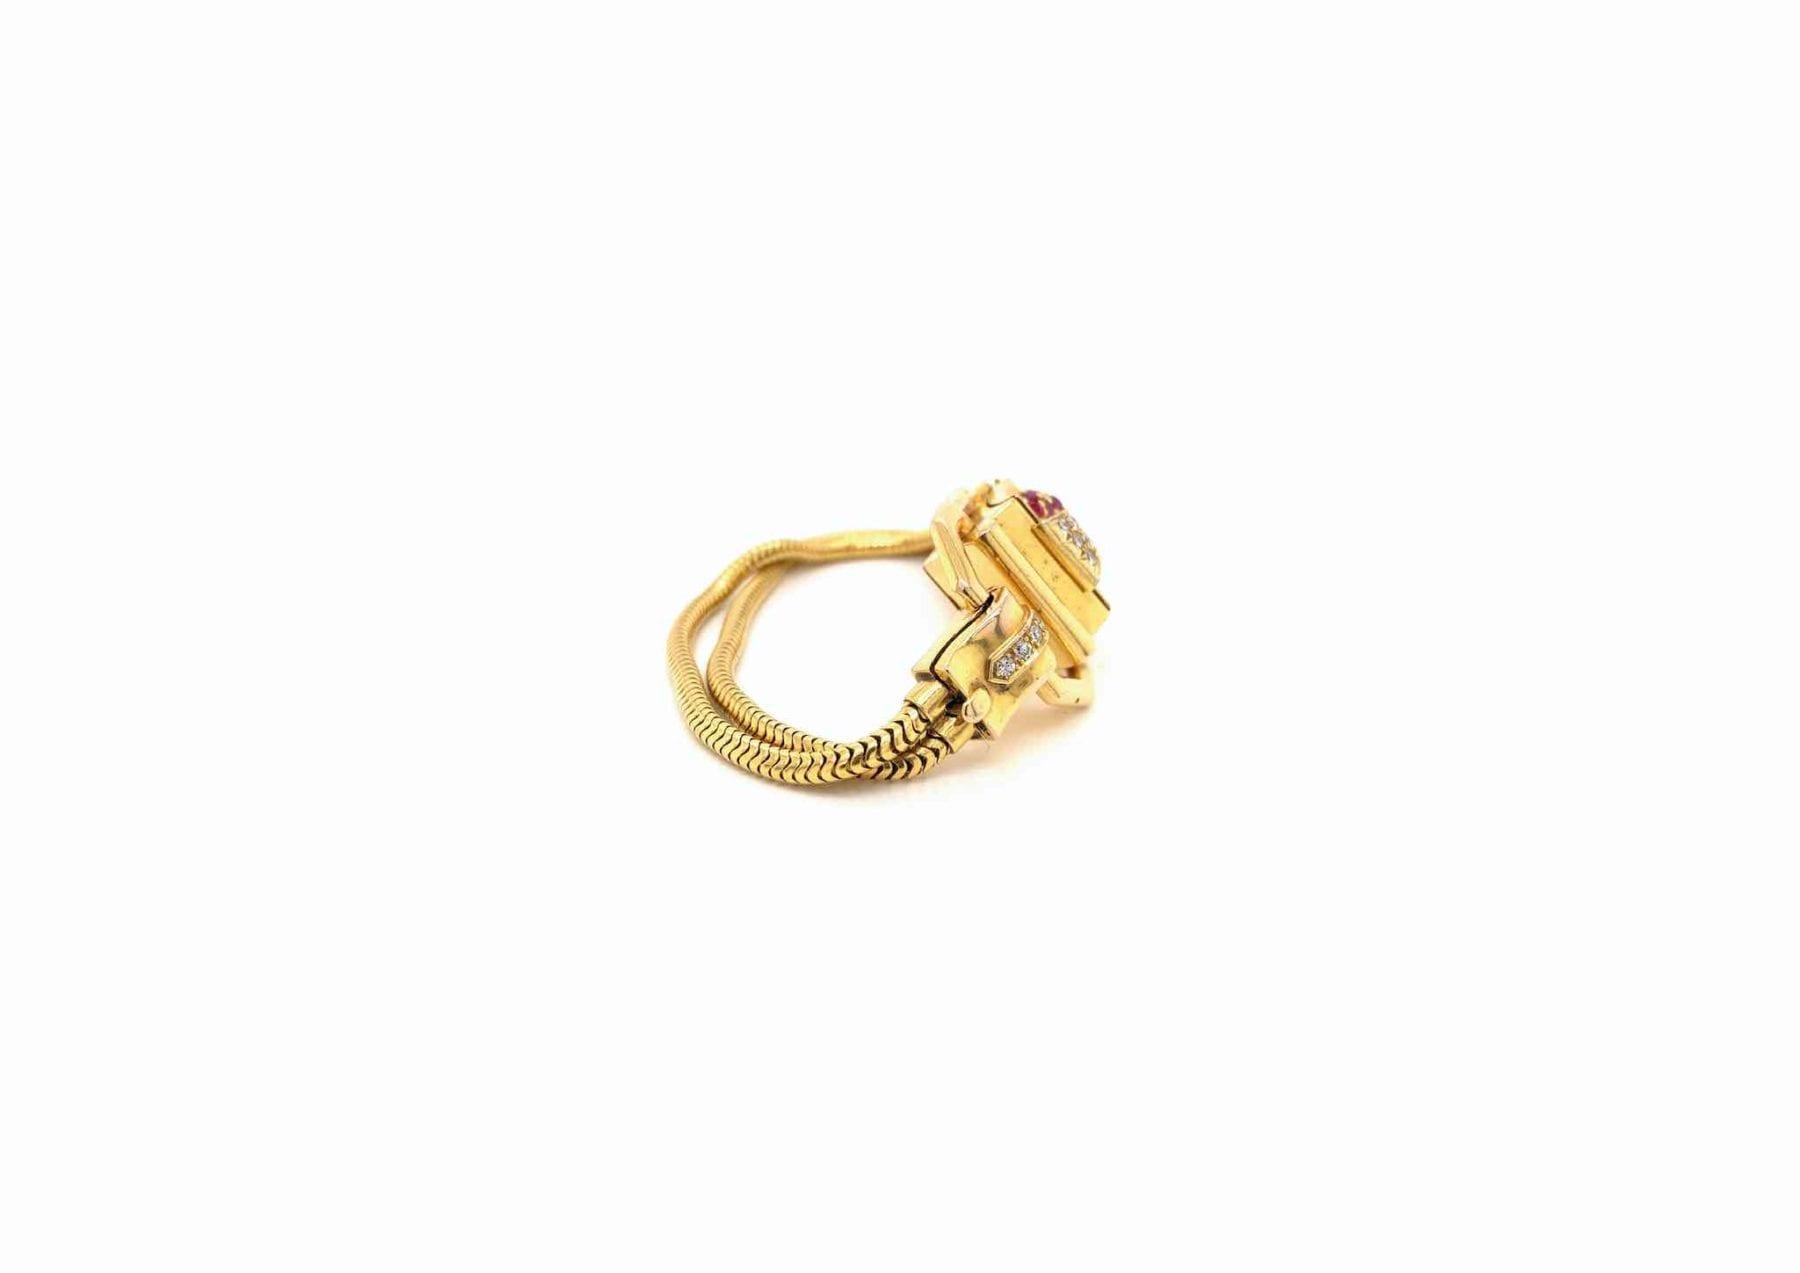 Montre ancienne or rubis et diamants or jaune 18k